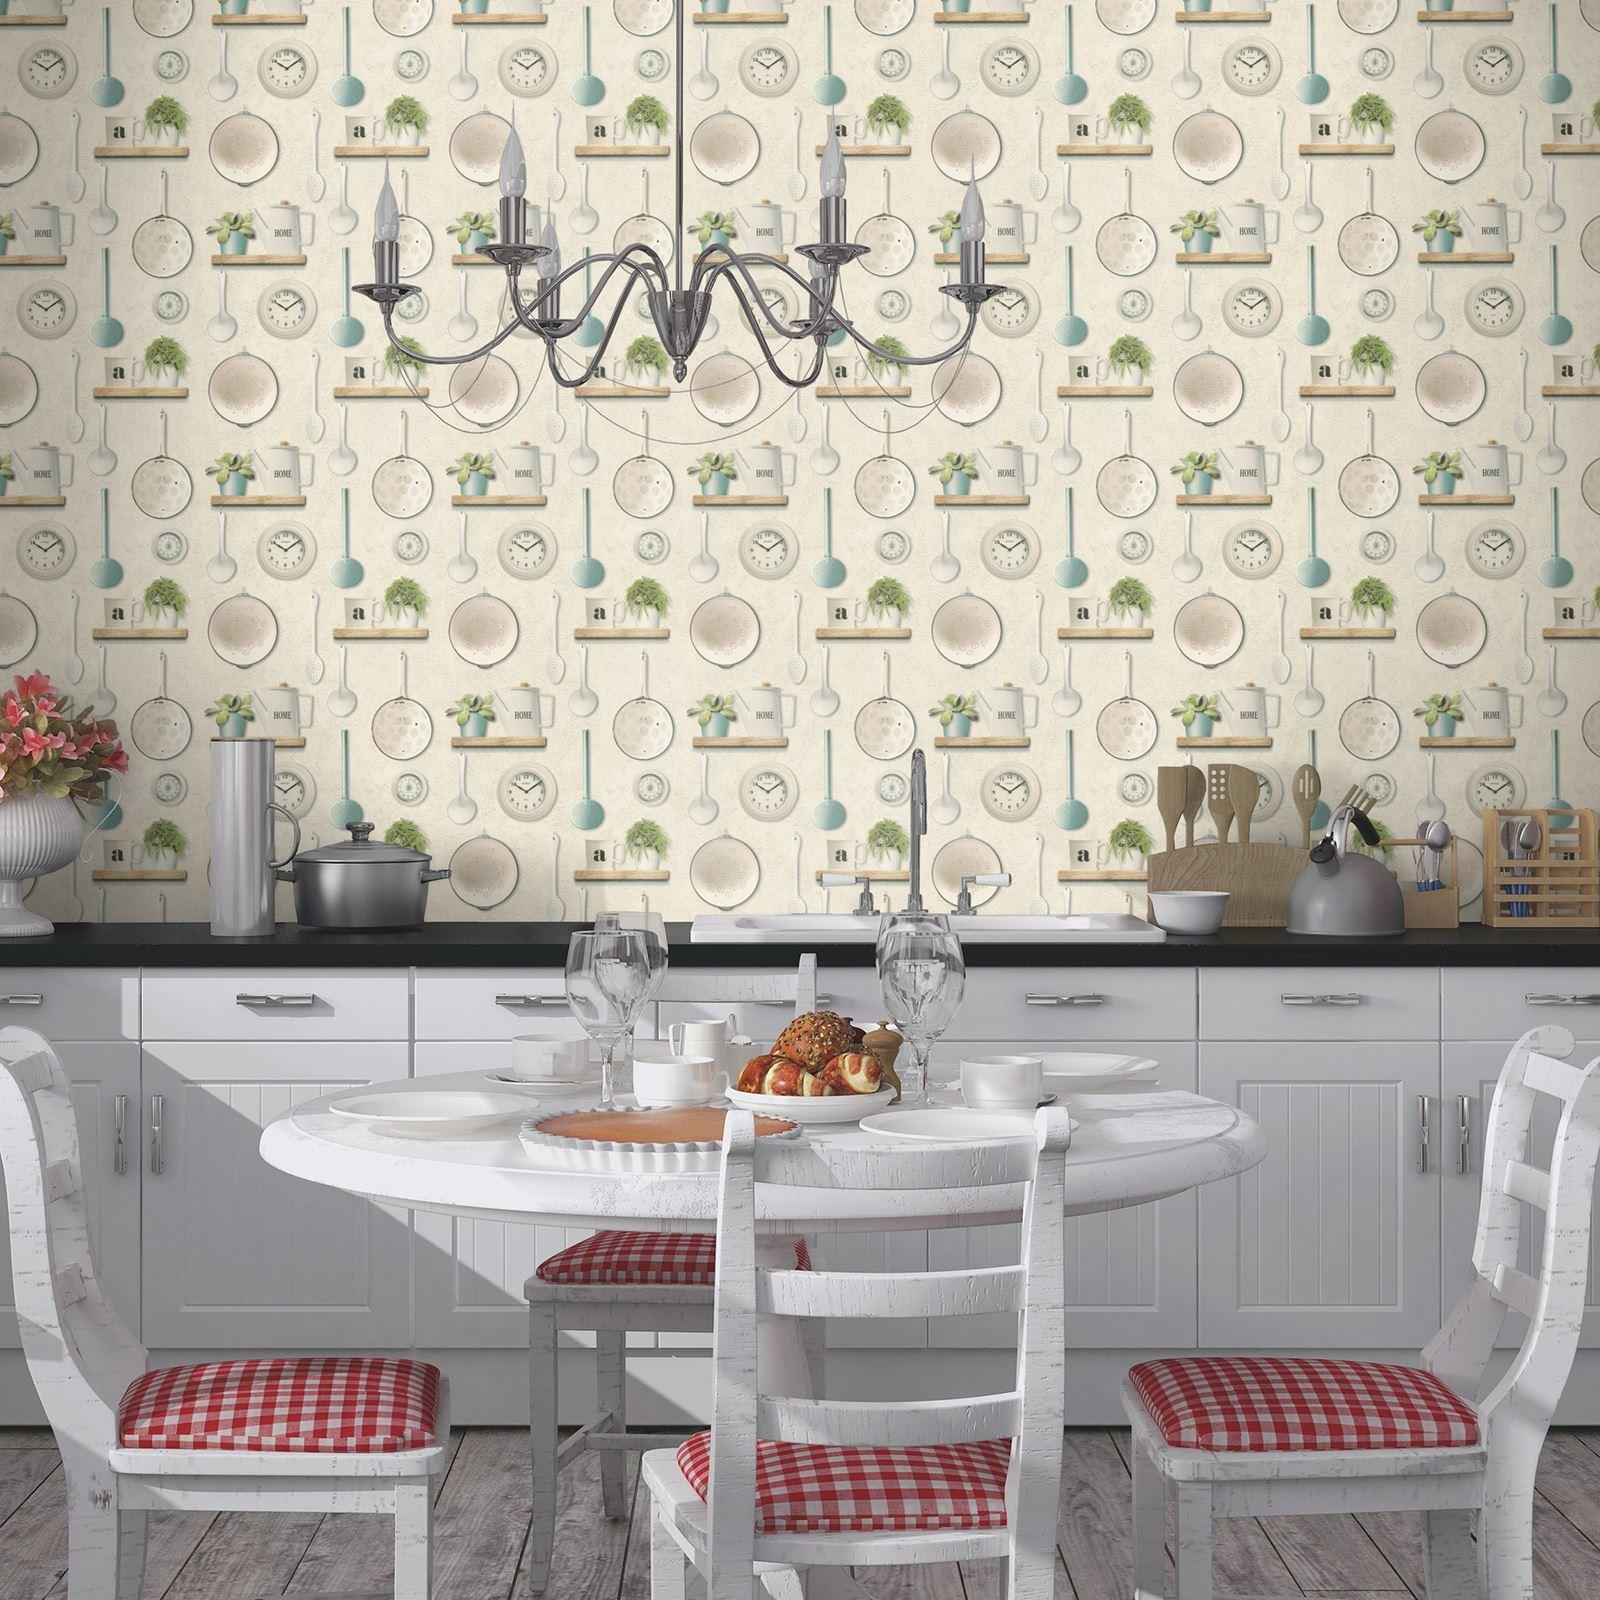 Rasch-Cocina-Inspirado-Papel-pintado-Cafeteria-Utensilios-Hierbas-Especias-NUEVO